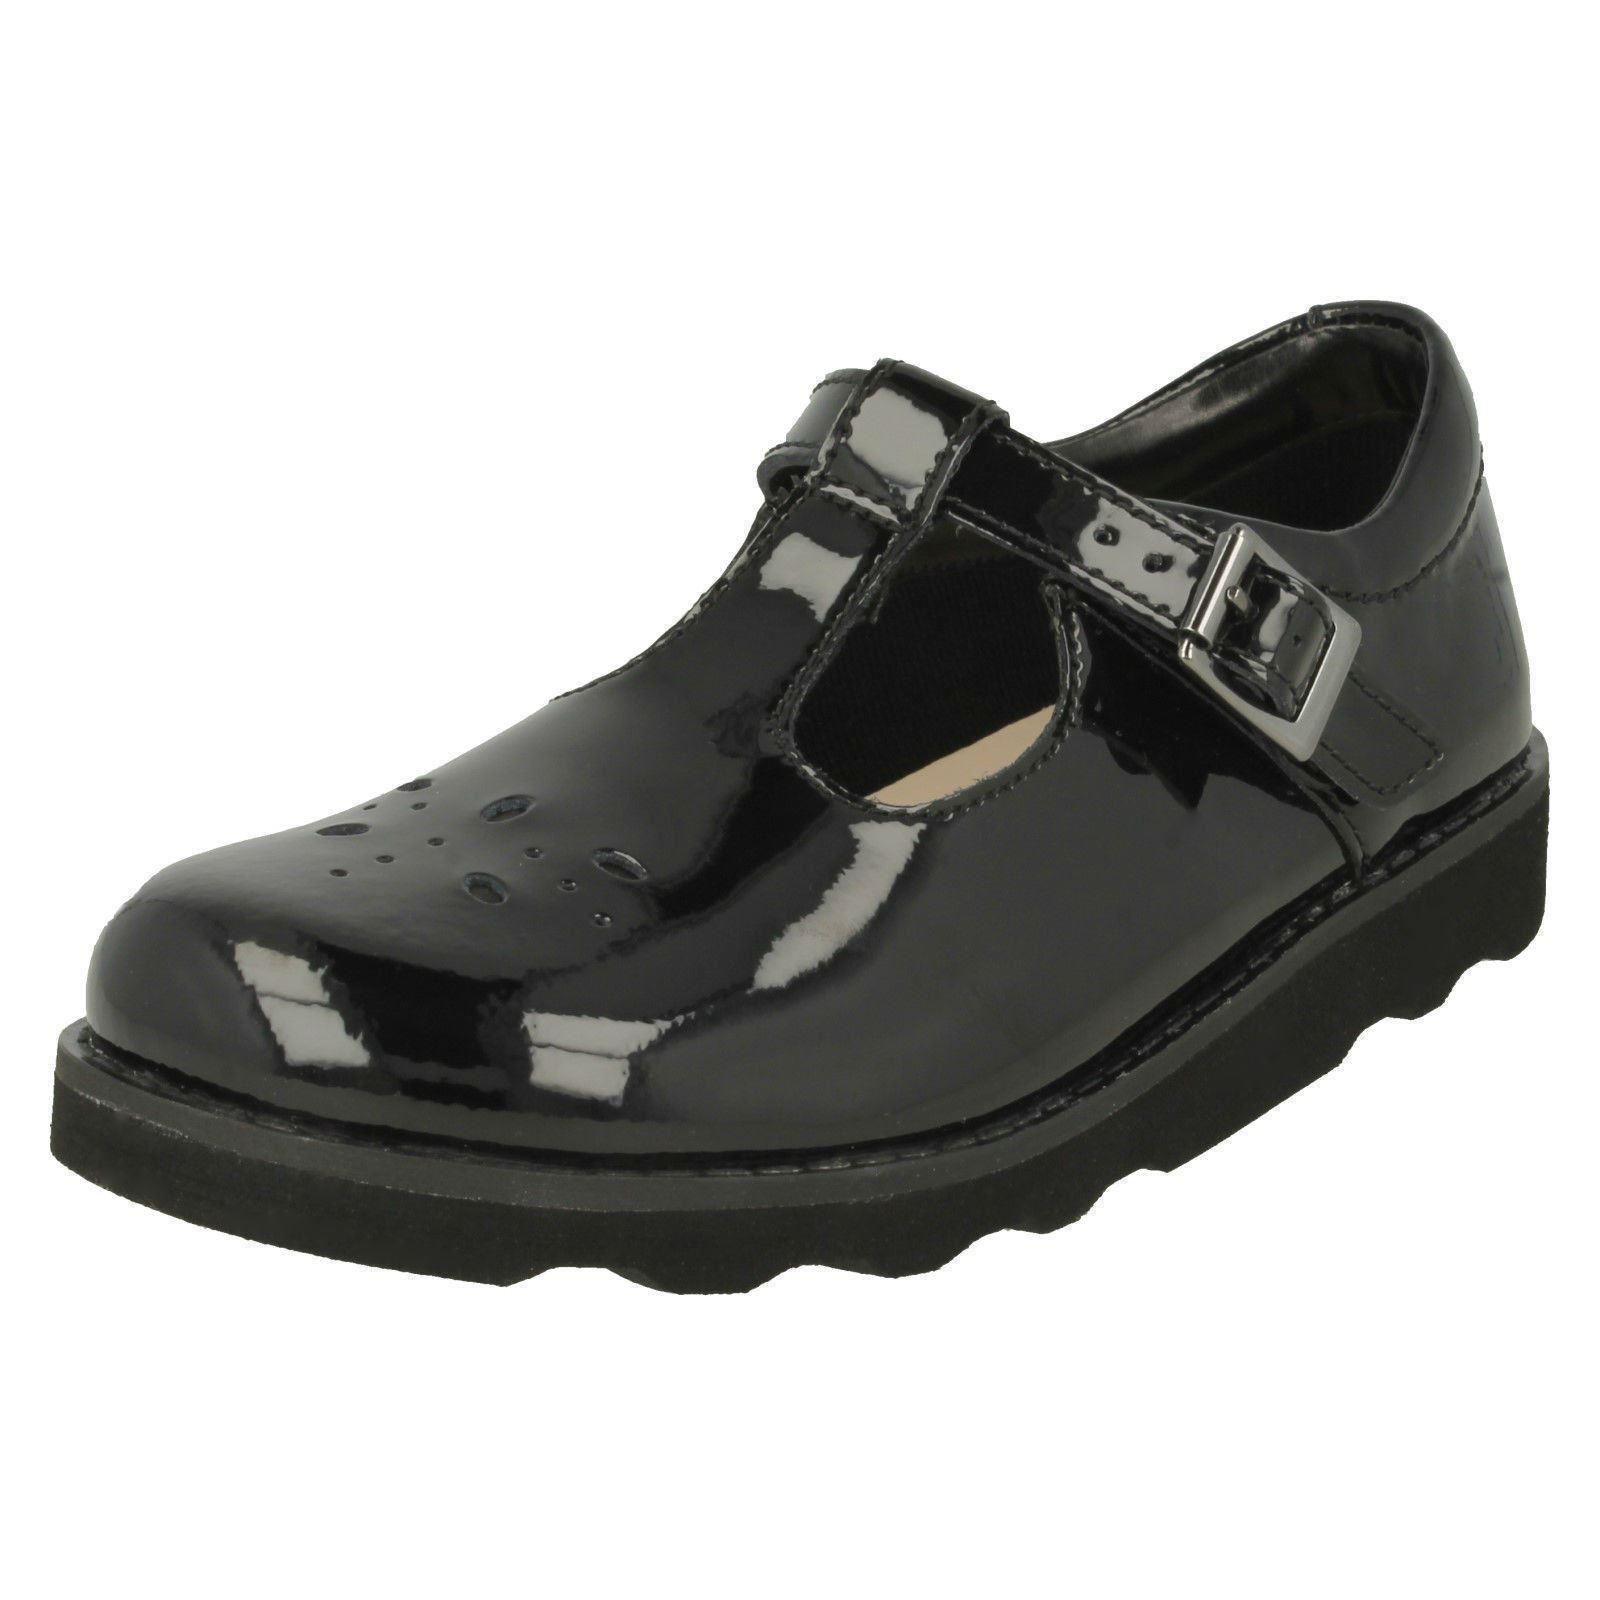 Clarks Zapatos de chicas Classic T-Bar Corona deseo